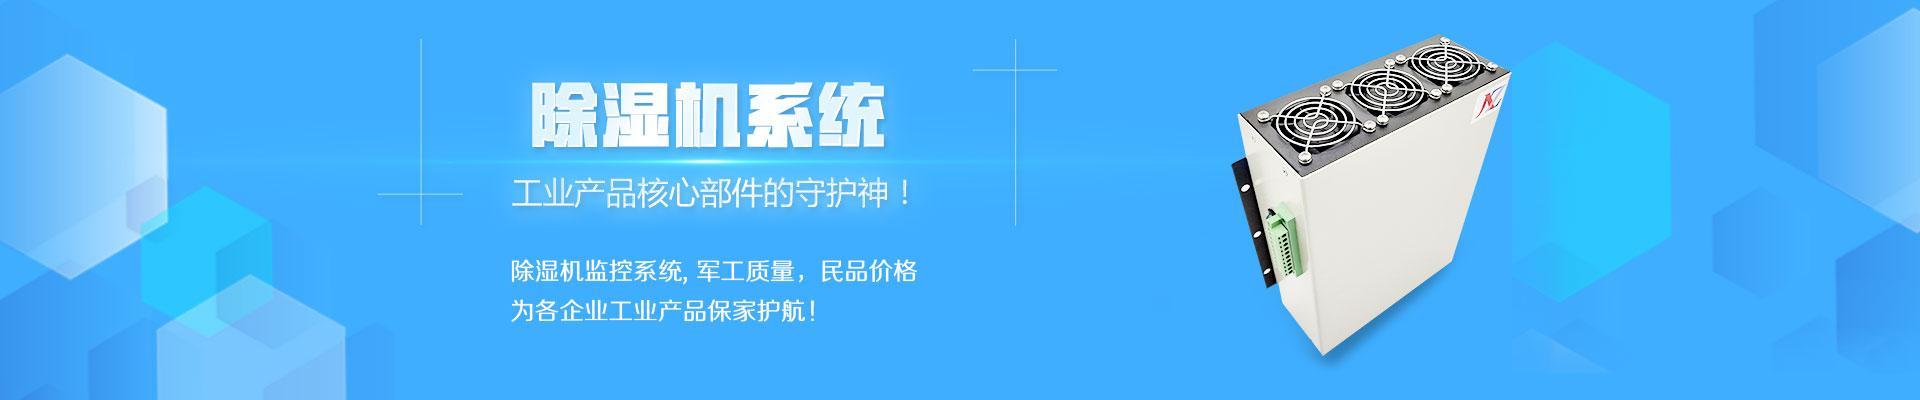 南京能智电子科技有限公司